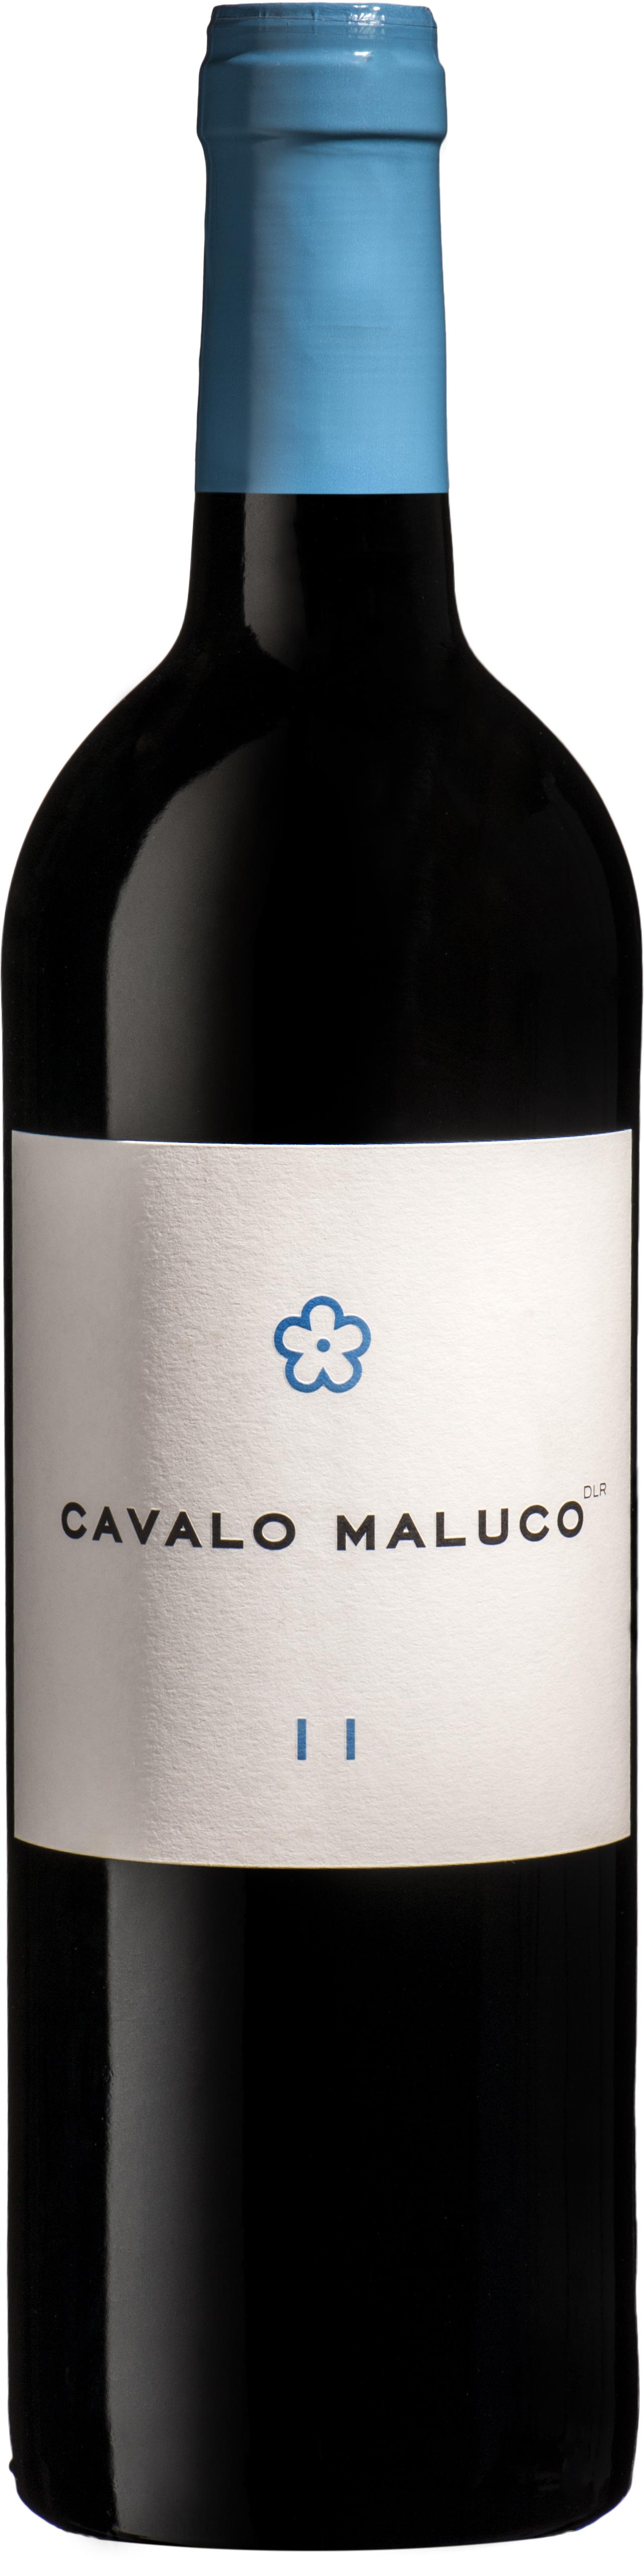 CAVALO MALUCO | 2011